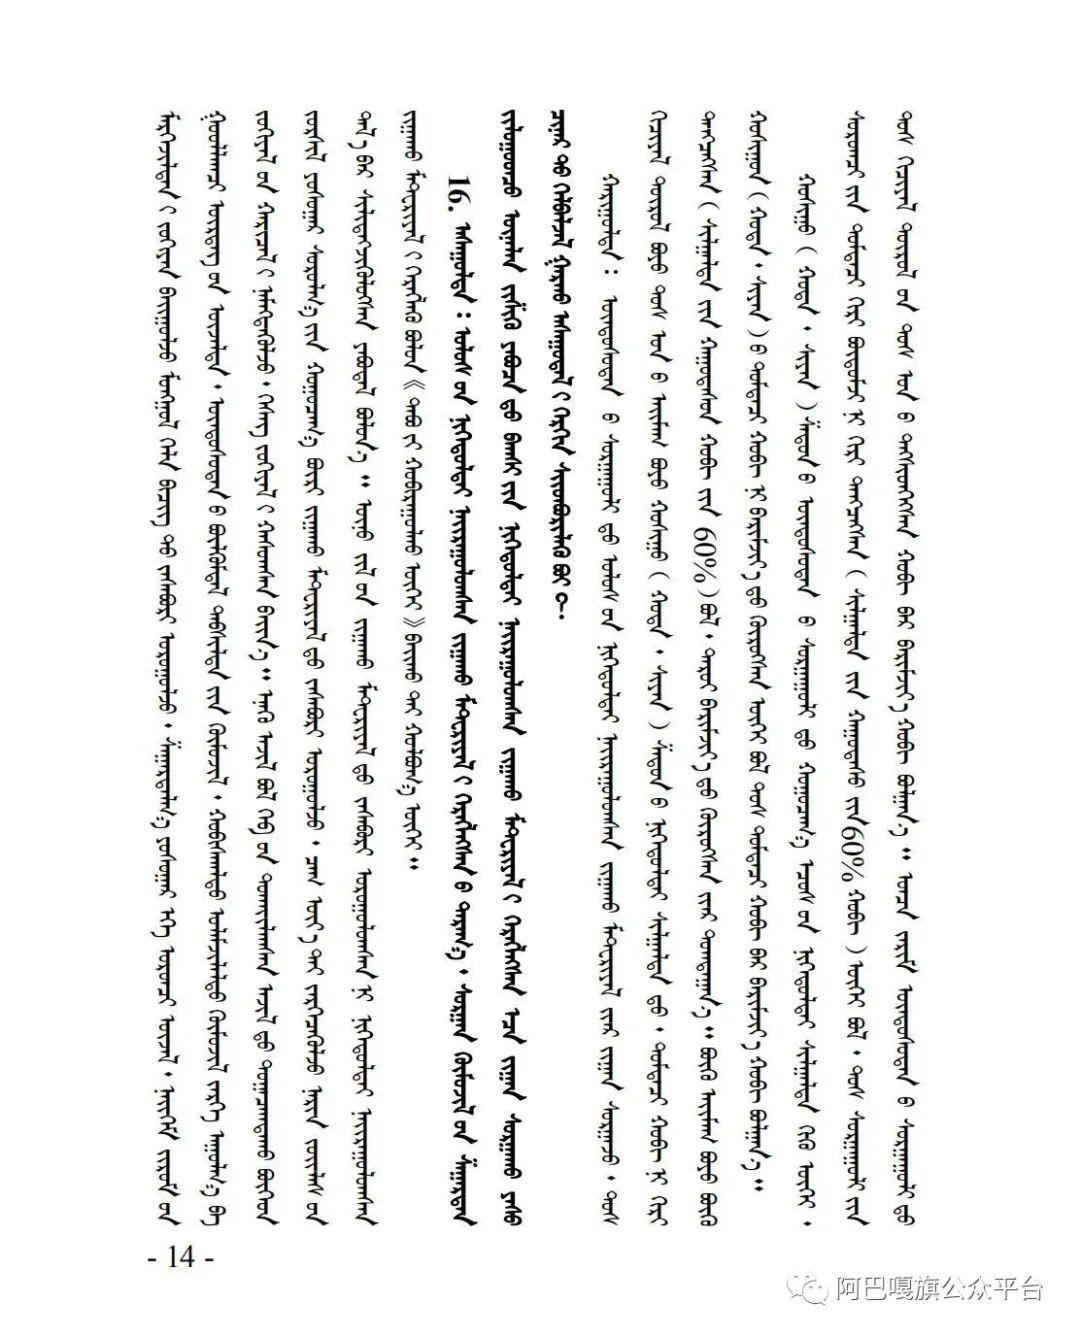 """锡林郭勒盟使用国家统编教材""""有问必答""""(第一期)(蒙汉文) 第14张 锡林郭勒盟使用国家统编教材""""有问必答""""(第一期)(蒙汉文) 蒙古文库"""